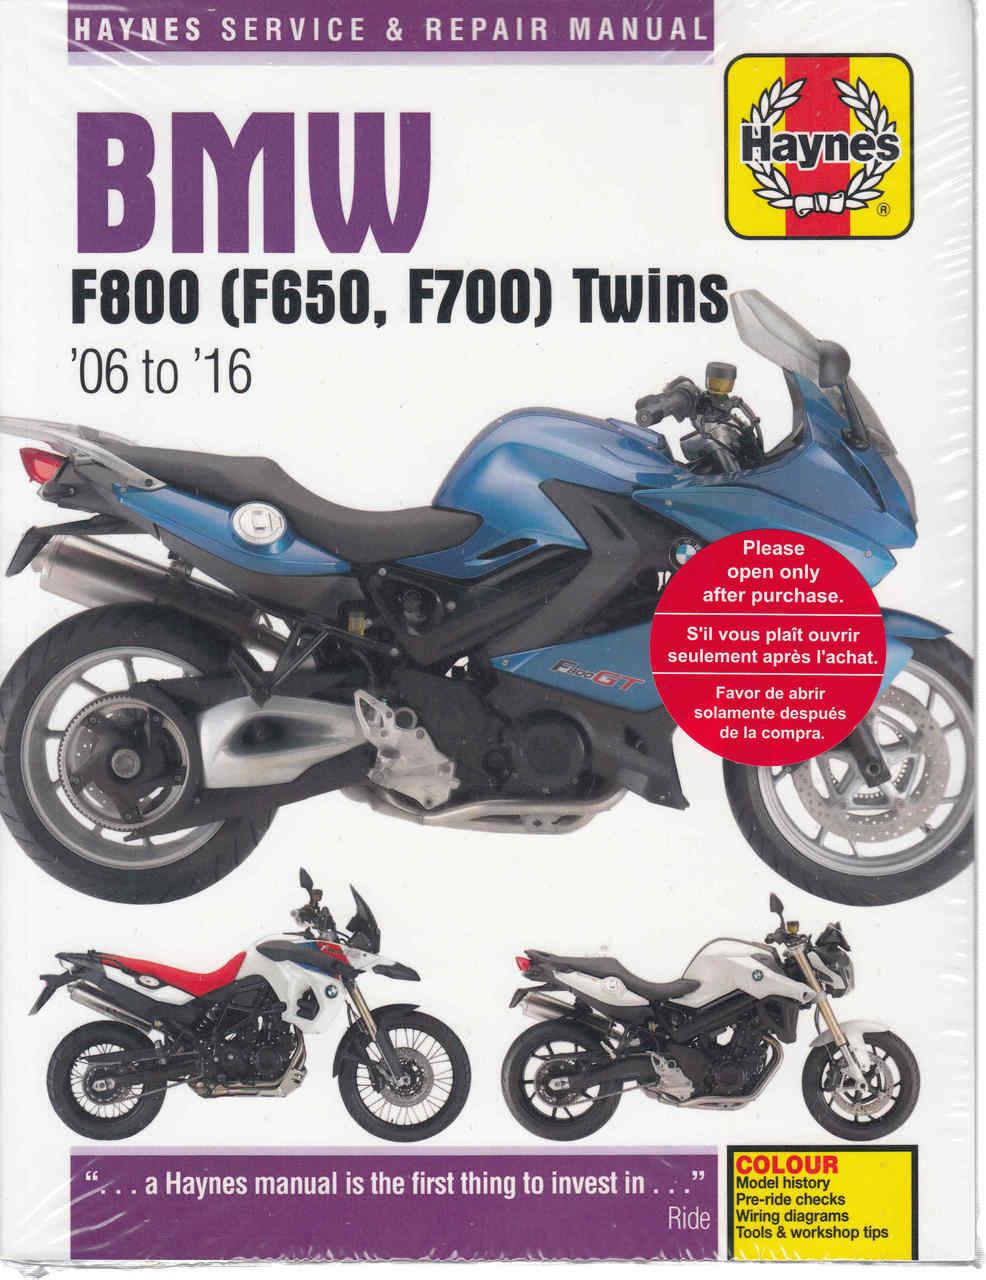 bmw f800 f650 twins 2006 2016workshop manual 9780857339218  [ 986 x 1280 Pixel ]